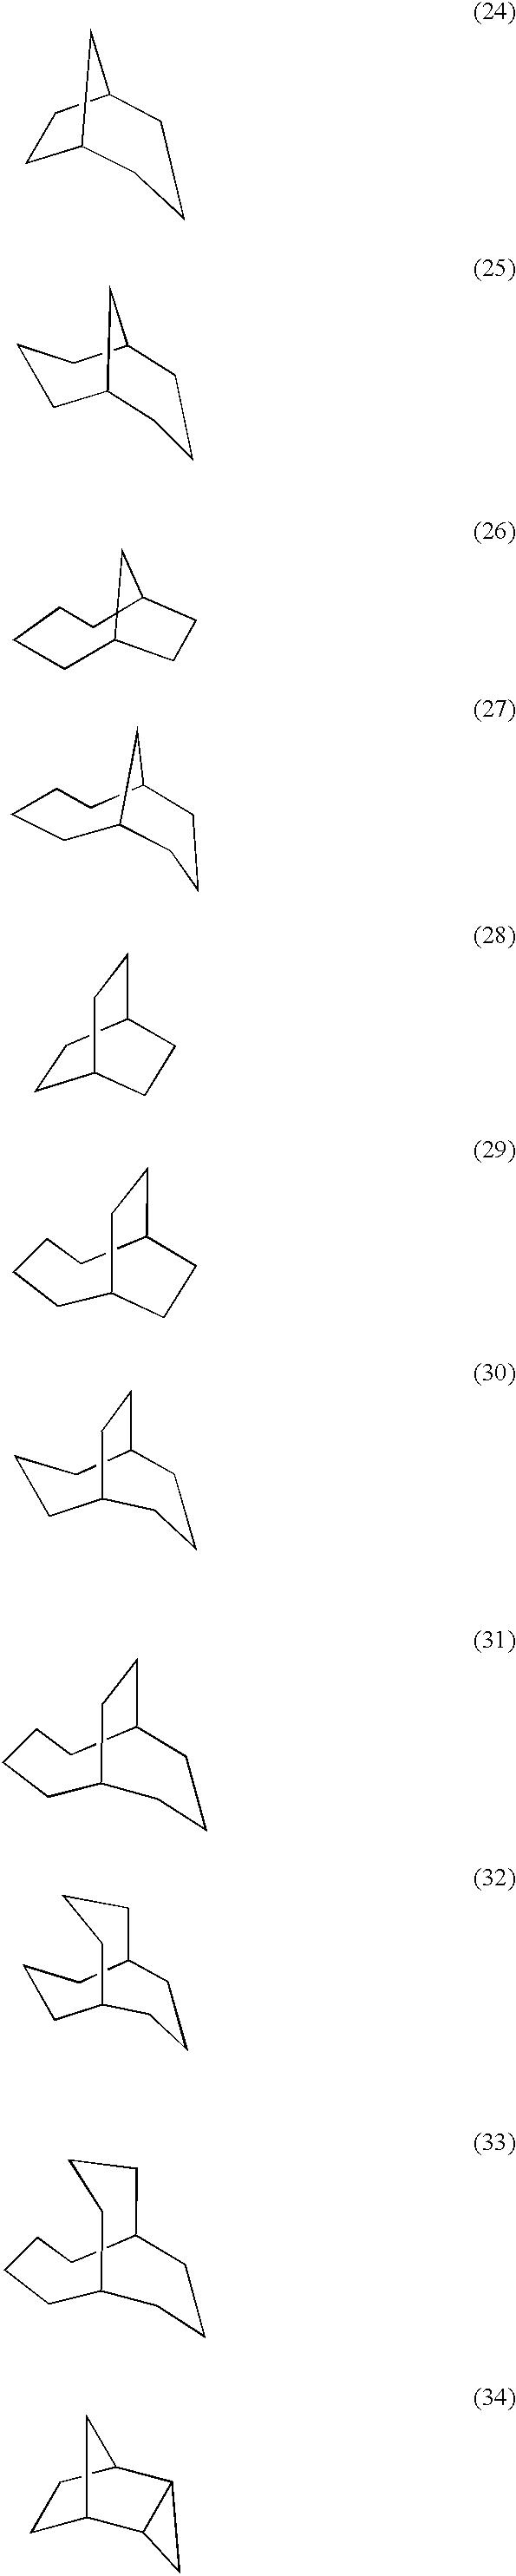 Figure US06492091-20021210-C00078